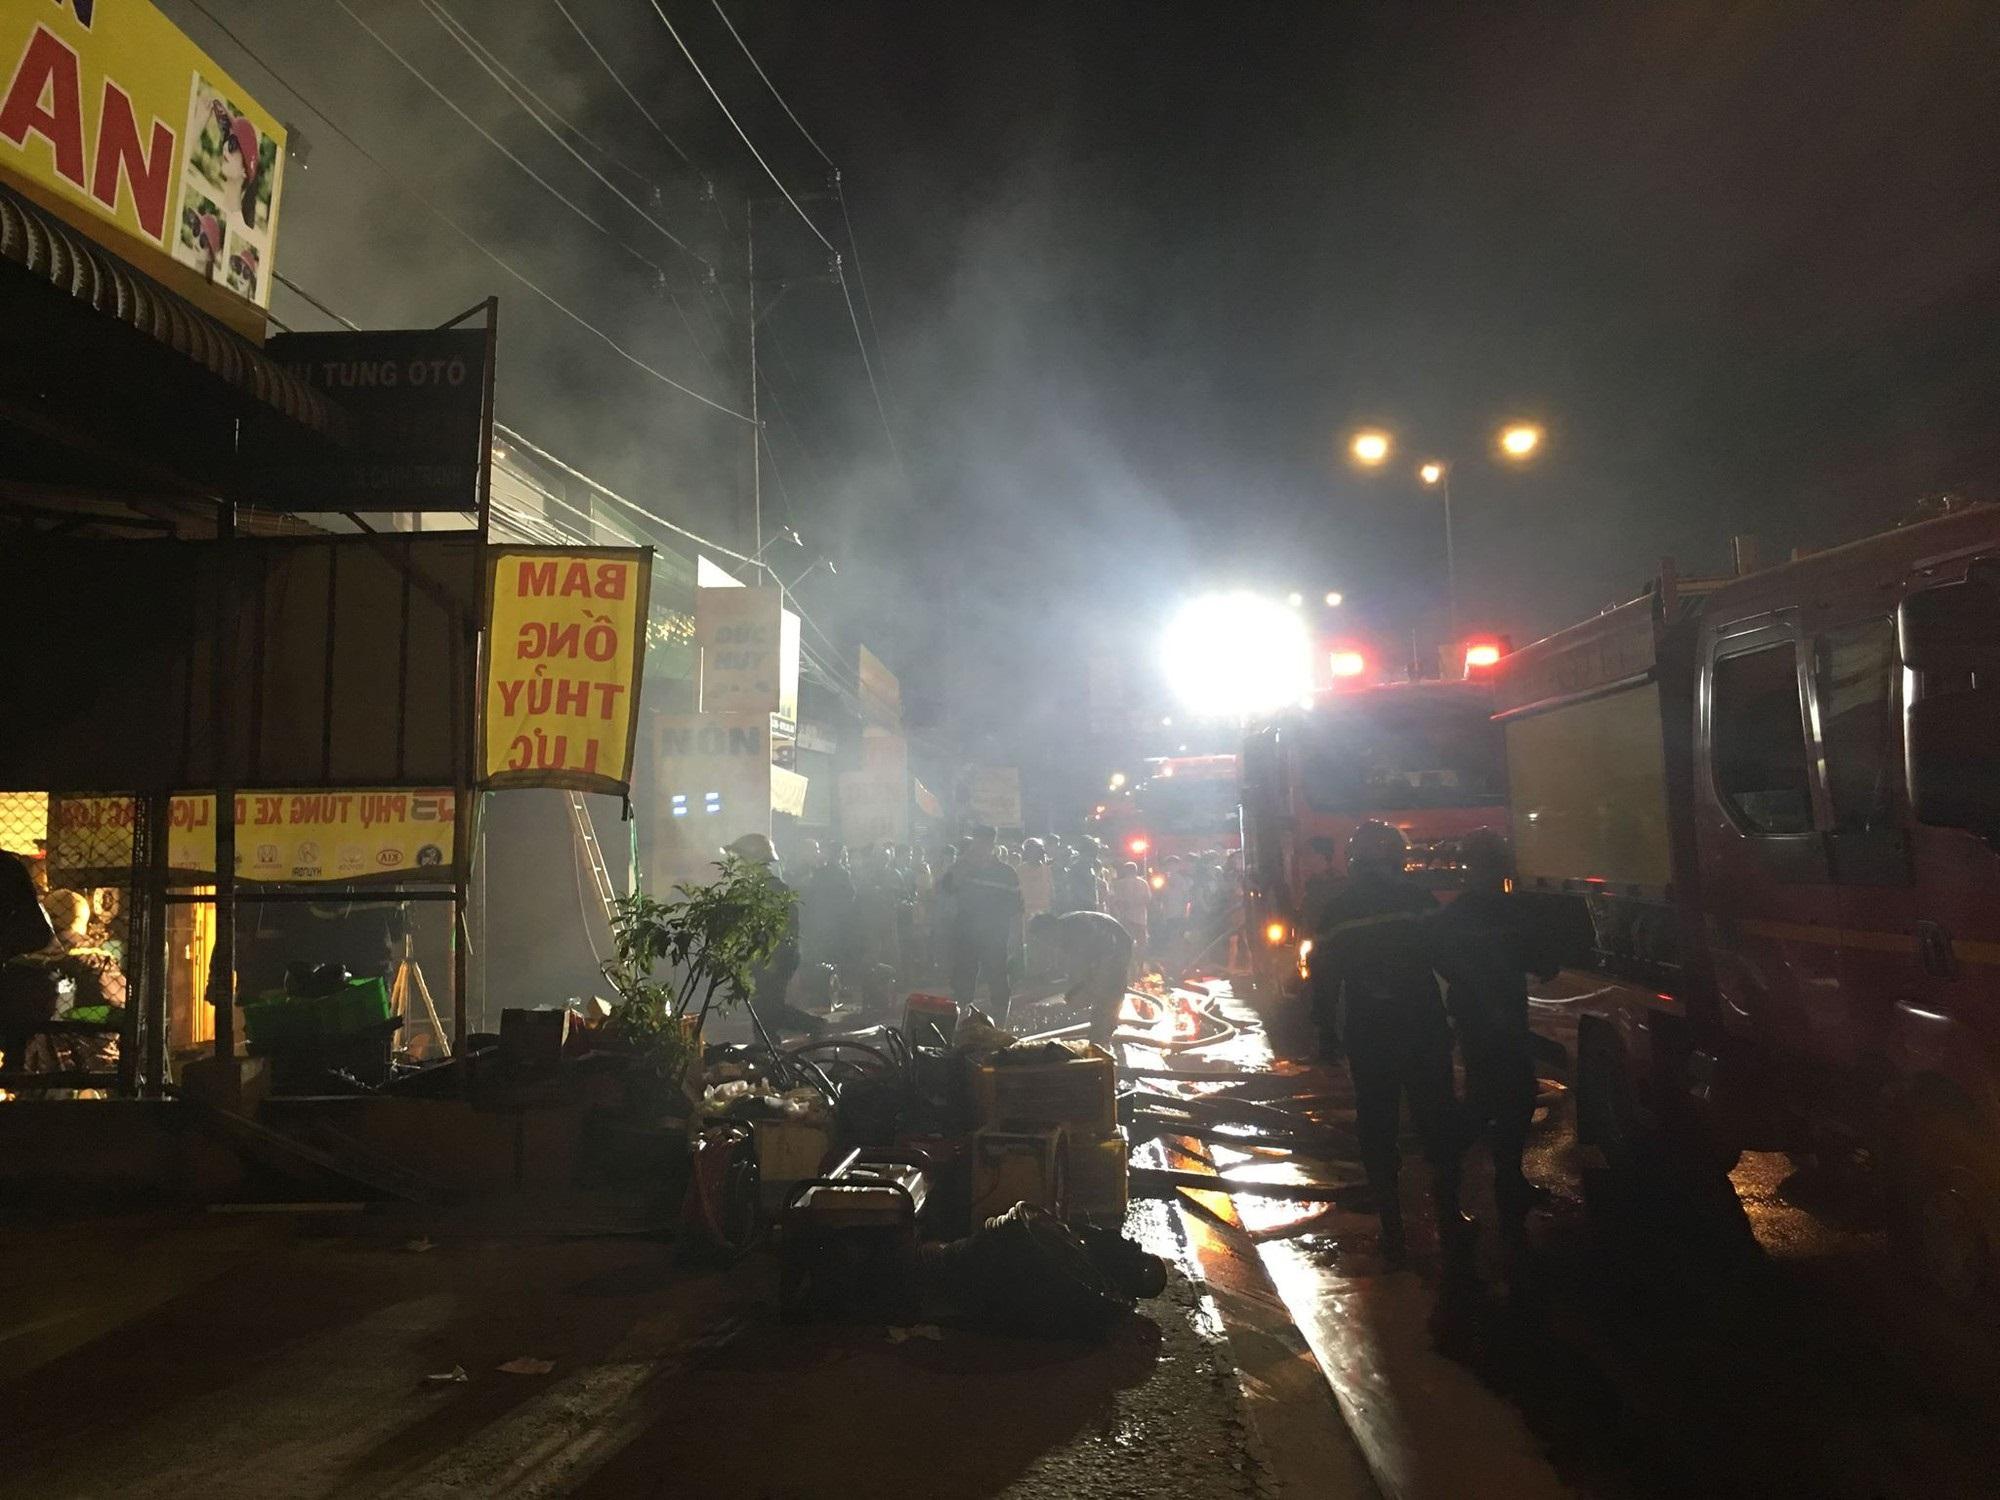 Cháy cửa hàng phụ tùng ô tô ở Sài Gòn, cảnh sát dùng vòi rồng dập lửa tránh cháy lan - Ảnh 2